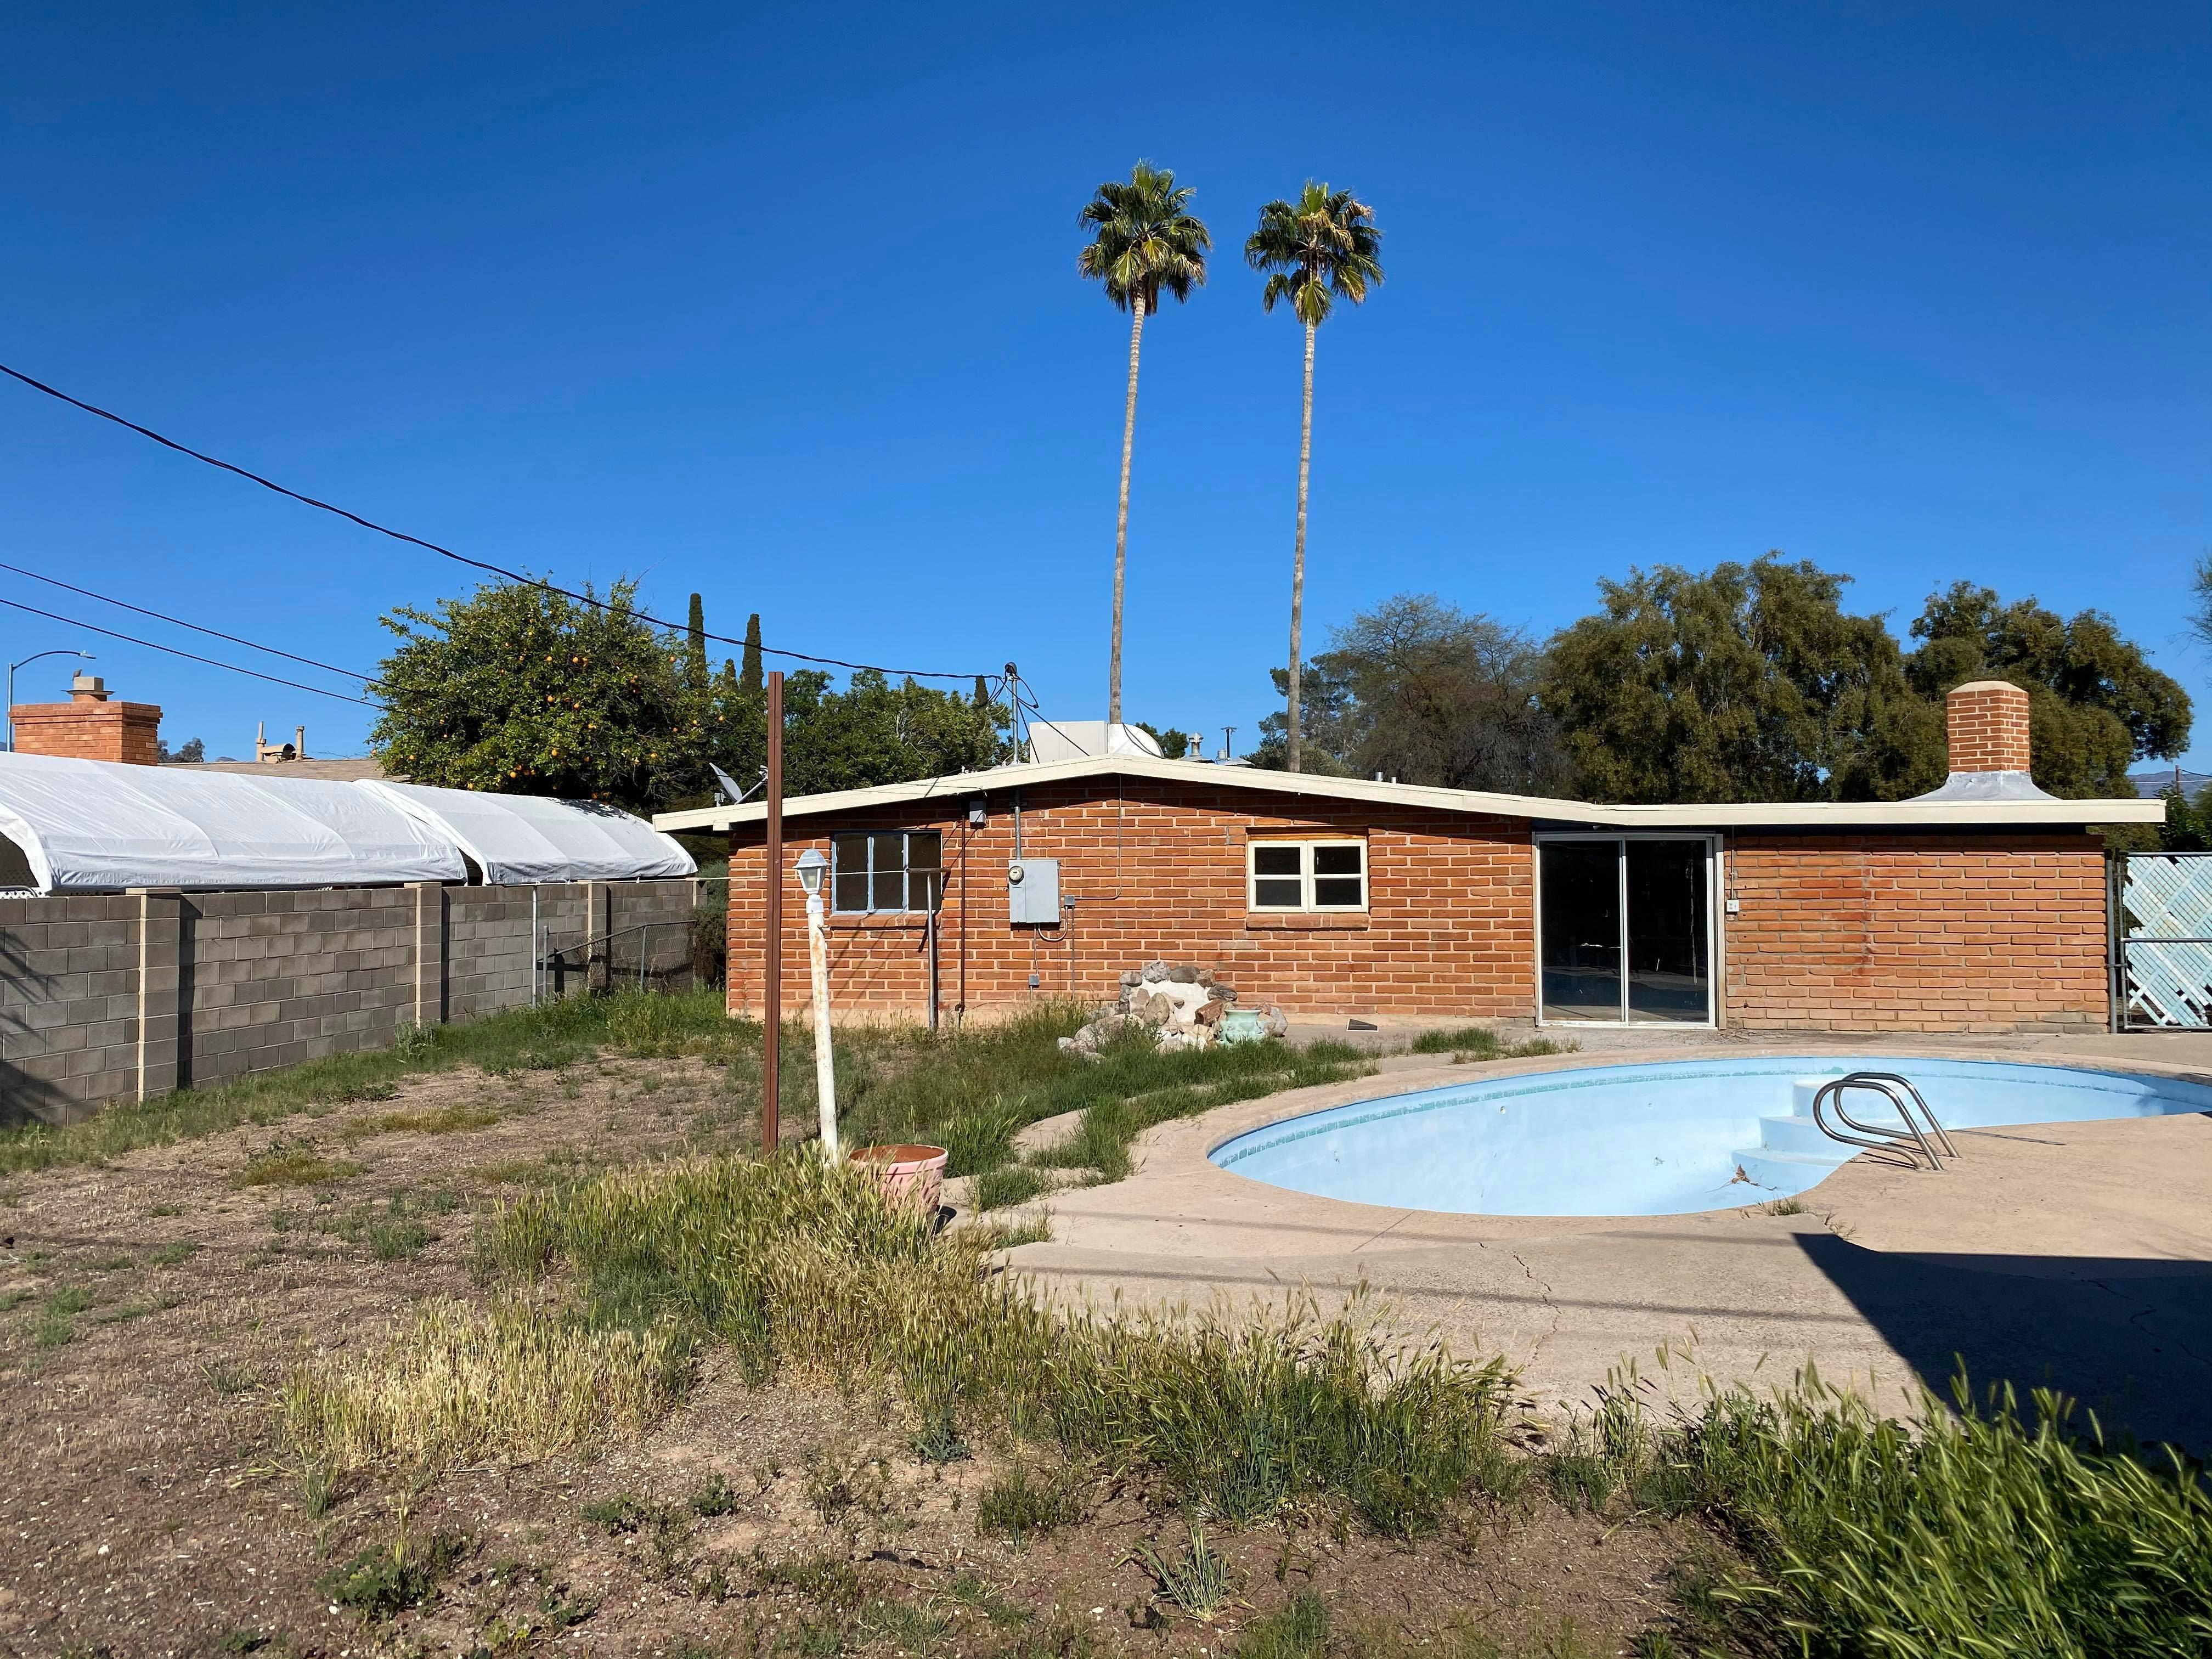 2833 N Walnut Ave Tucson, AZ 85712 wholesale property listing